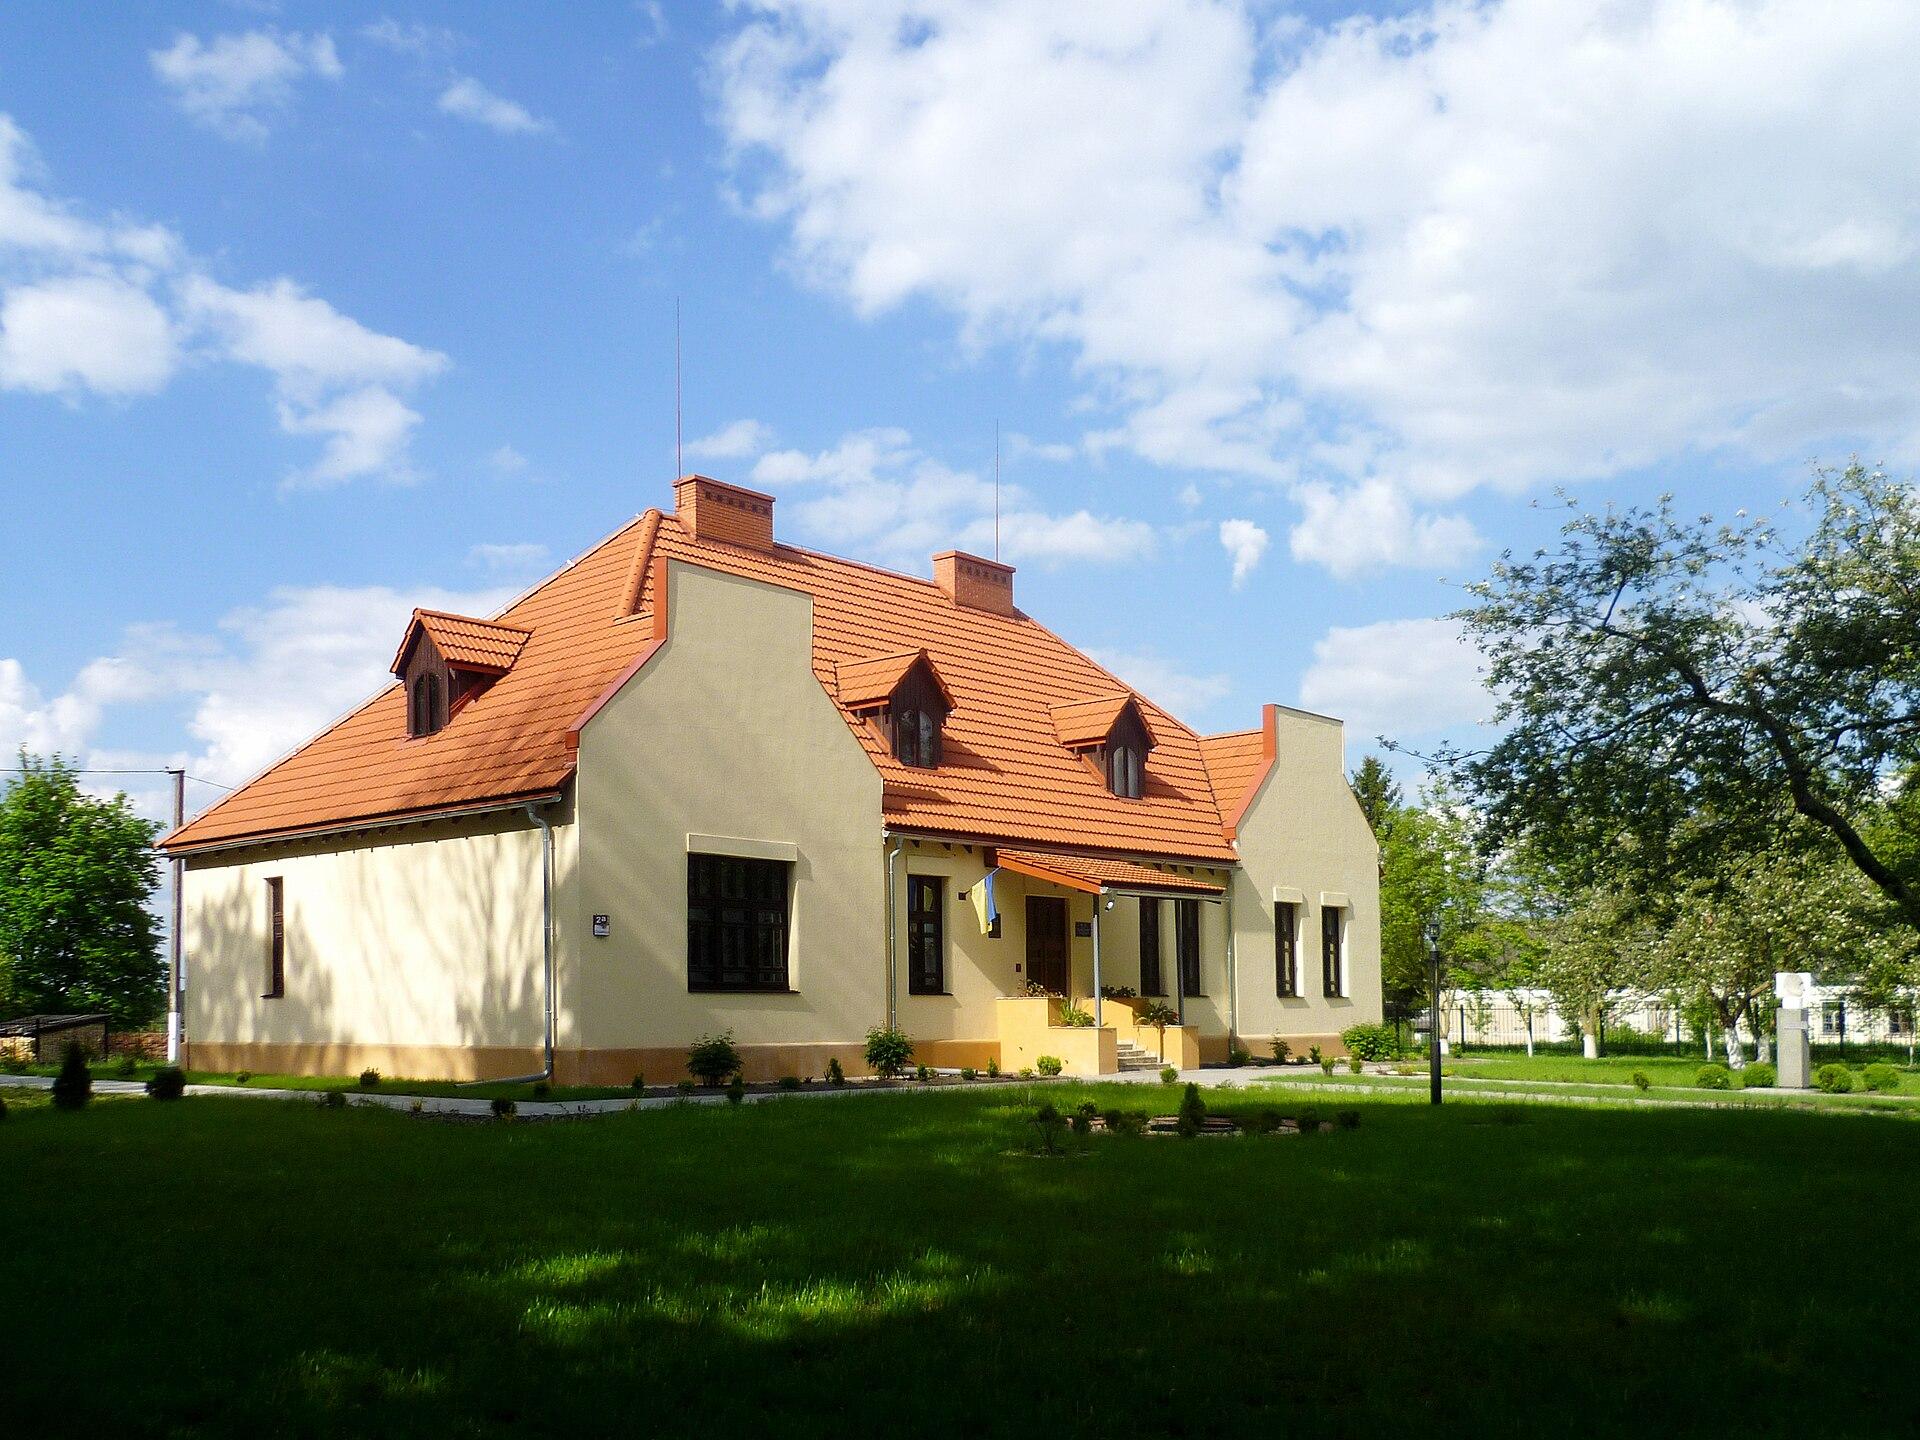 ウクライナのウスティルーフにあるストラヴィンスキー博物館 Wikipediaより